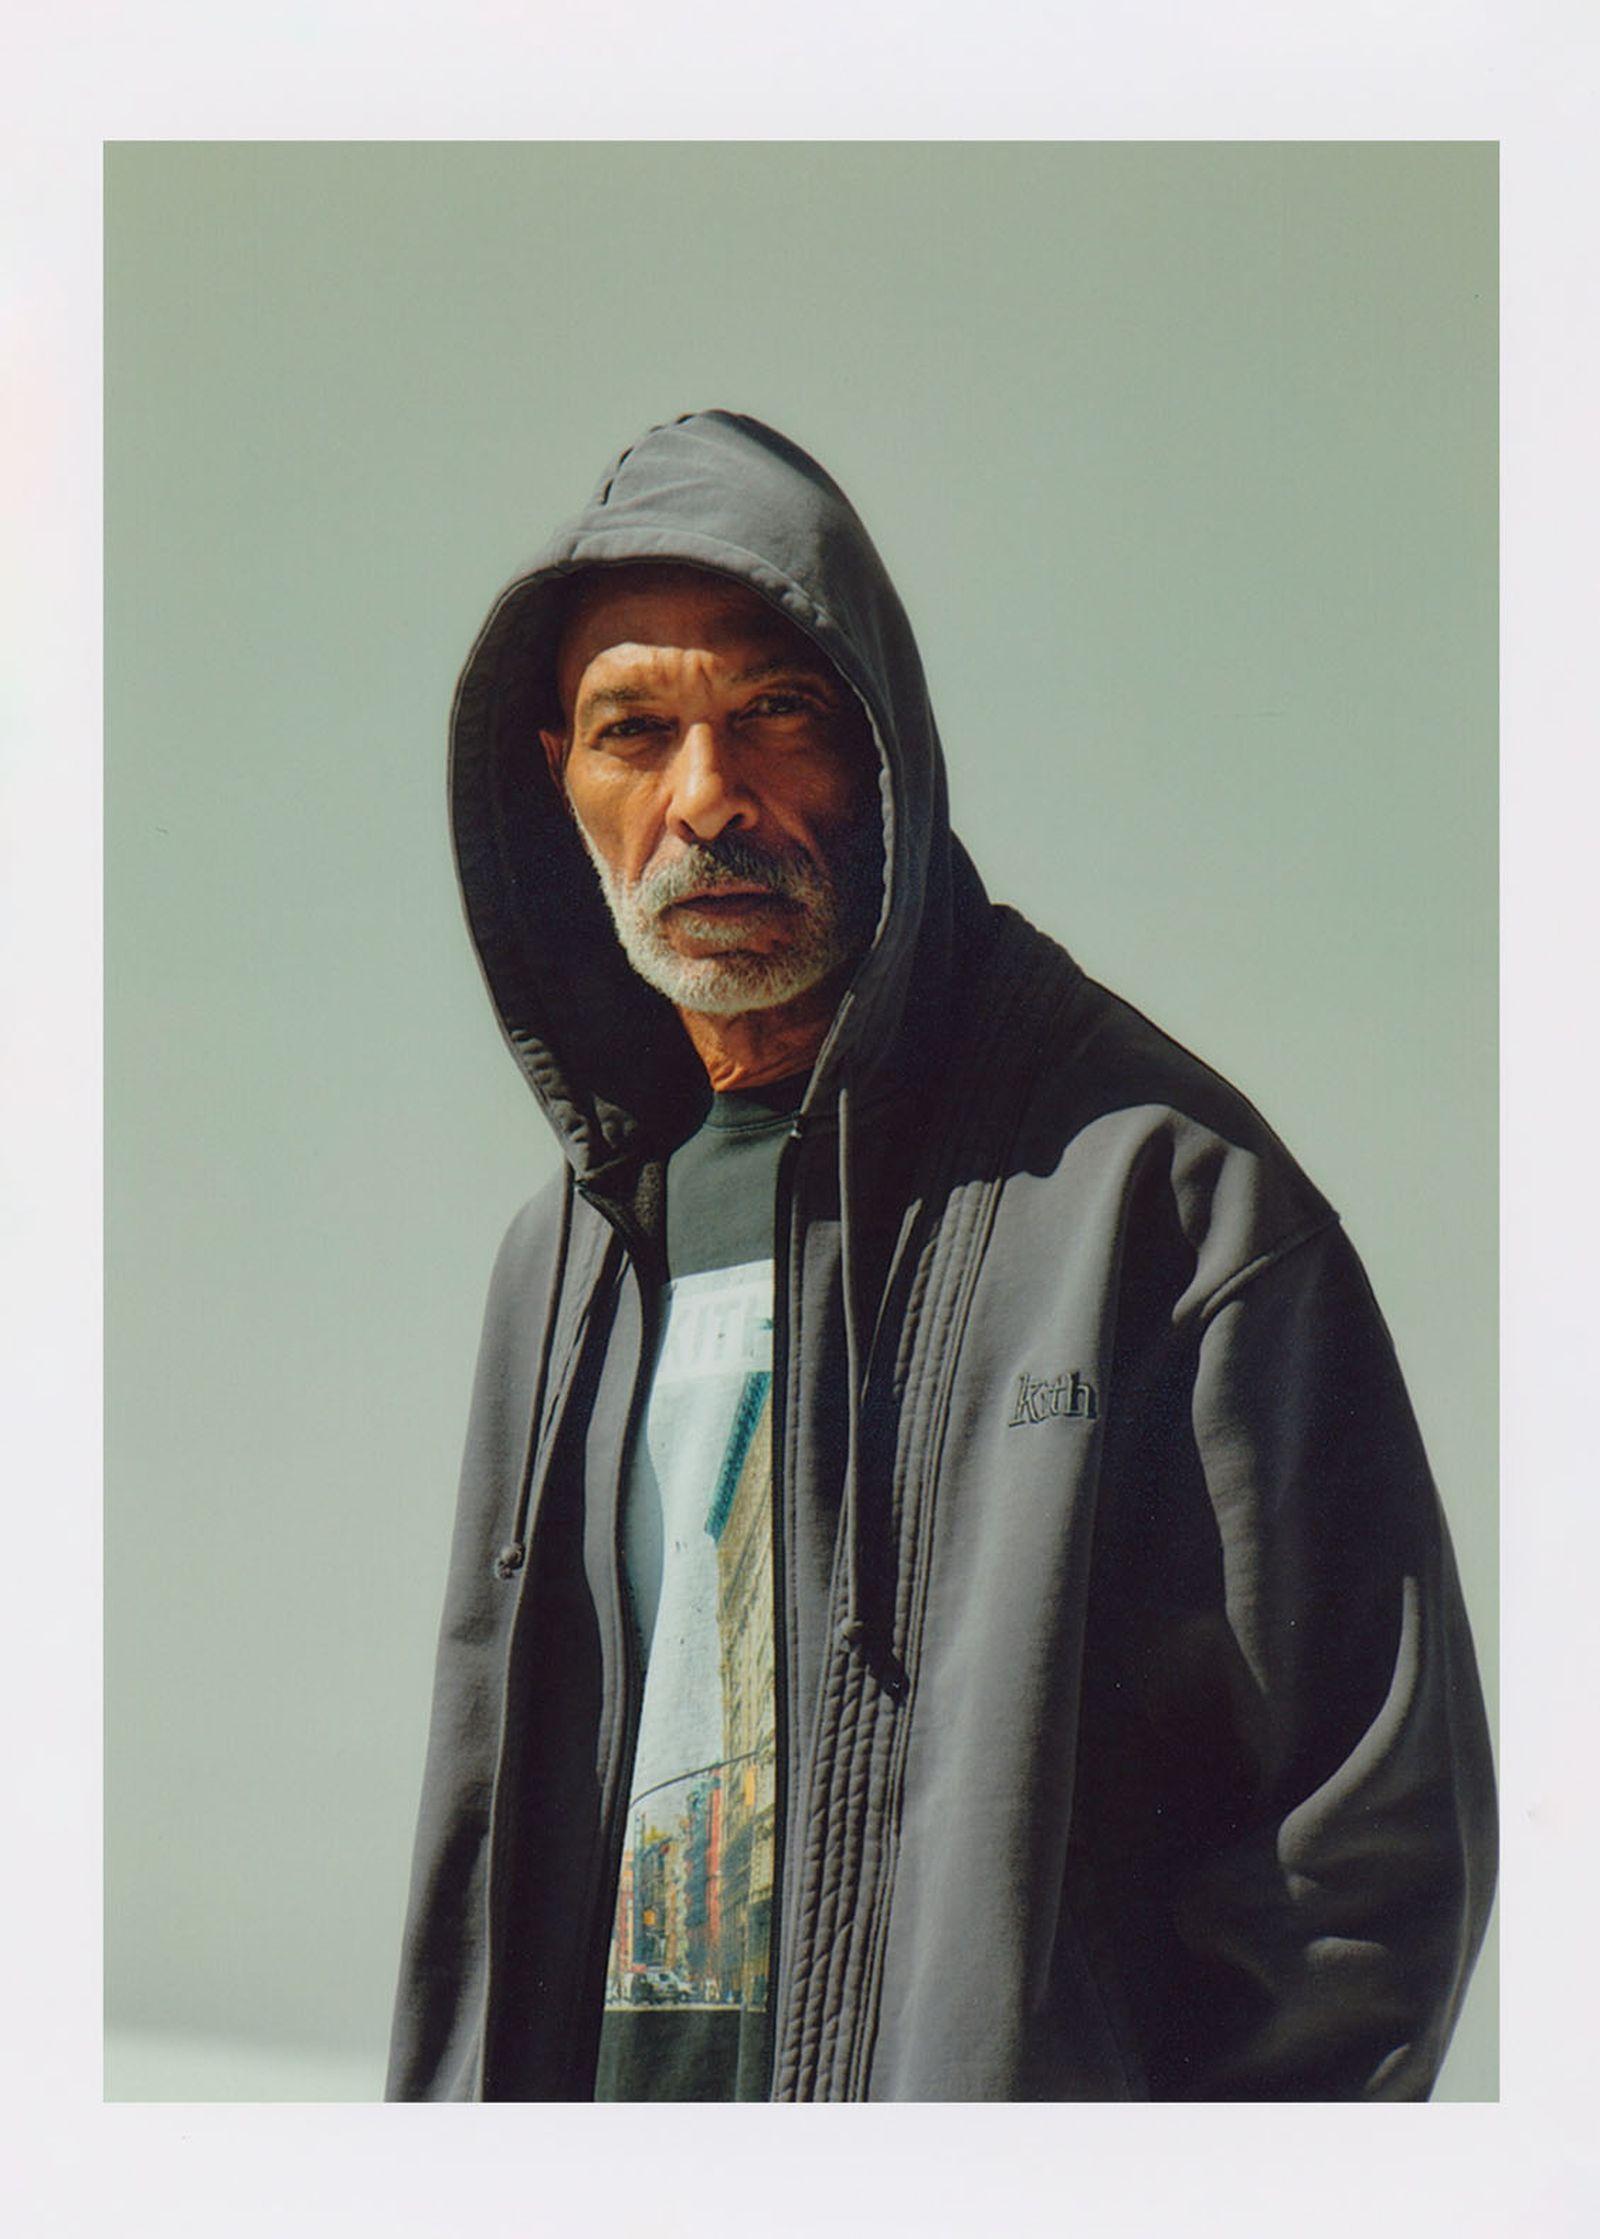 ronnie-fieg-clarks-originals-8th-street-lookbook-19